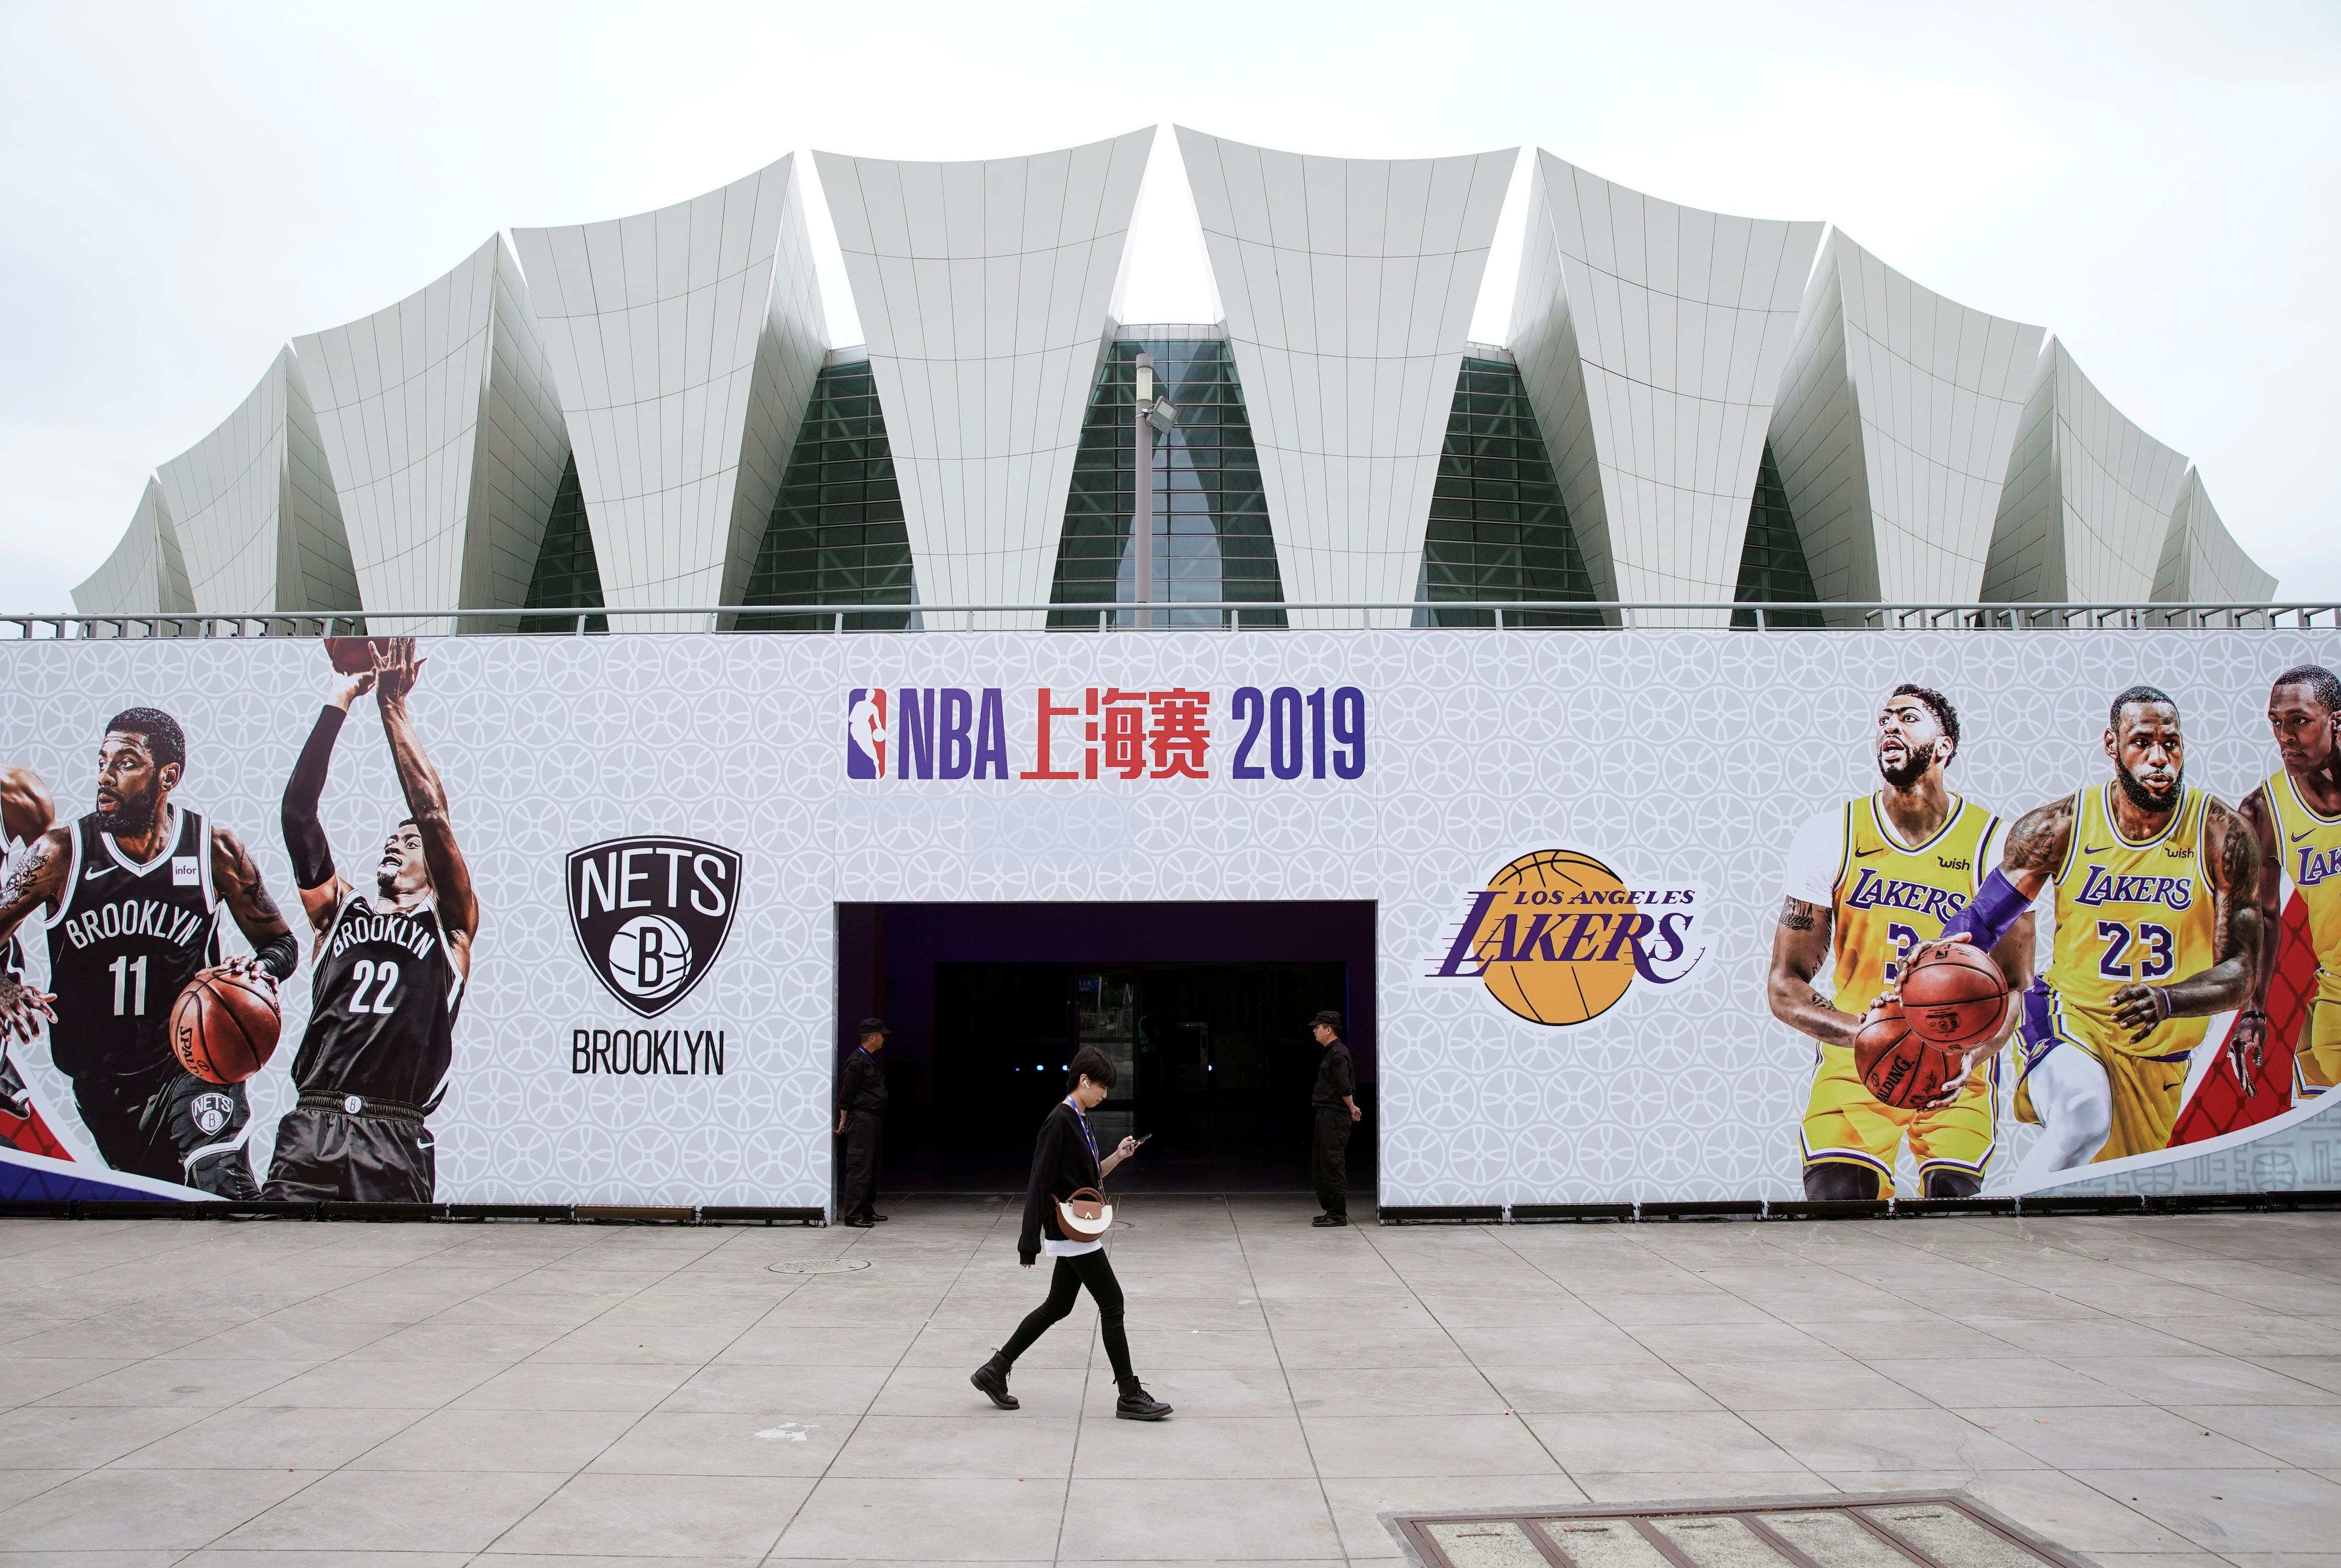 Les organisateurs chinois annulent un événement réservé aux fans de la NBA alors que le discours est libre